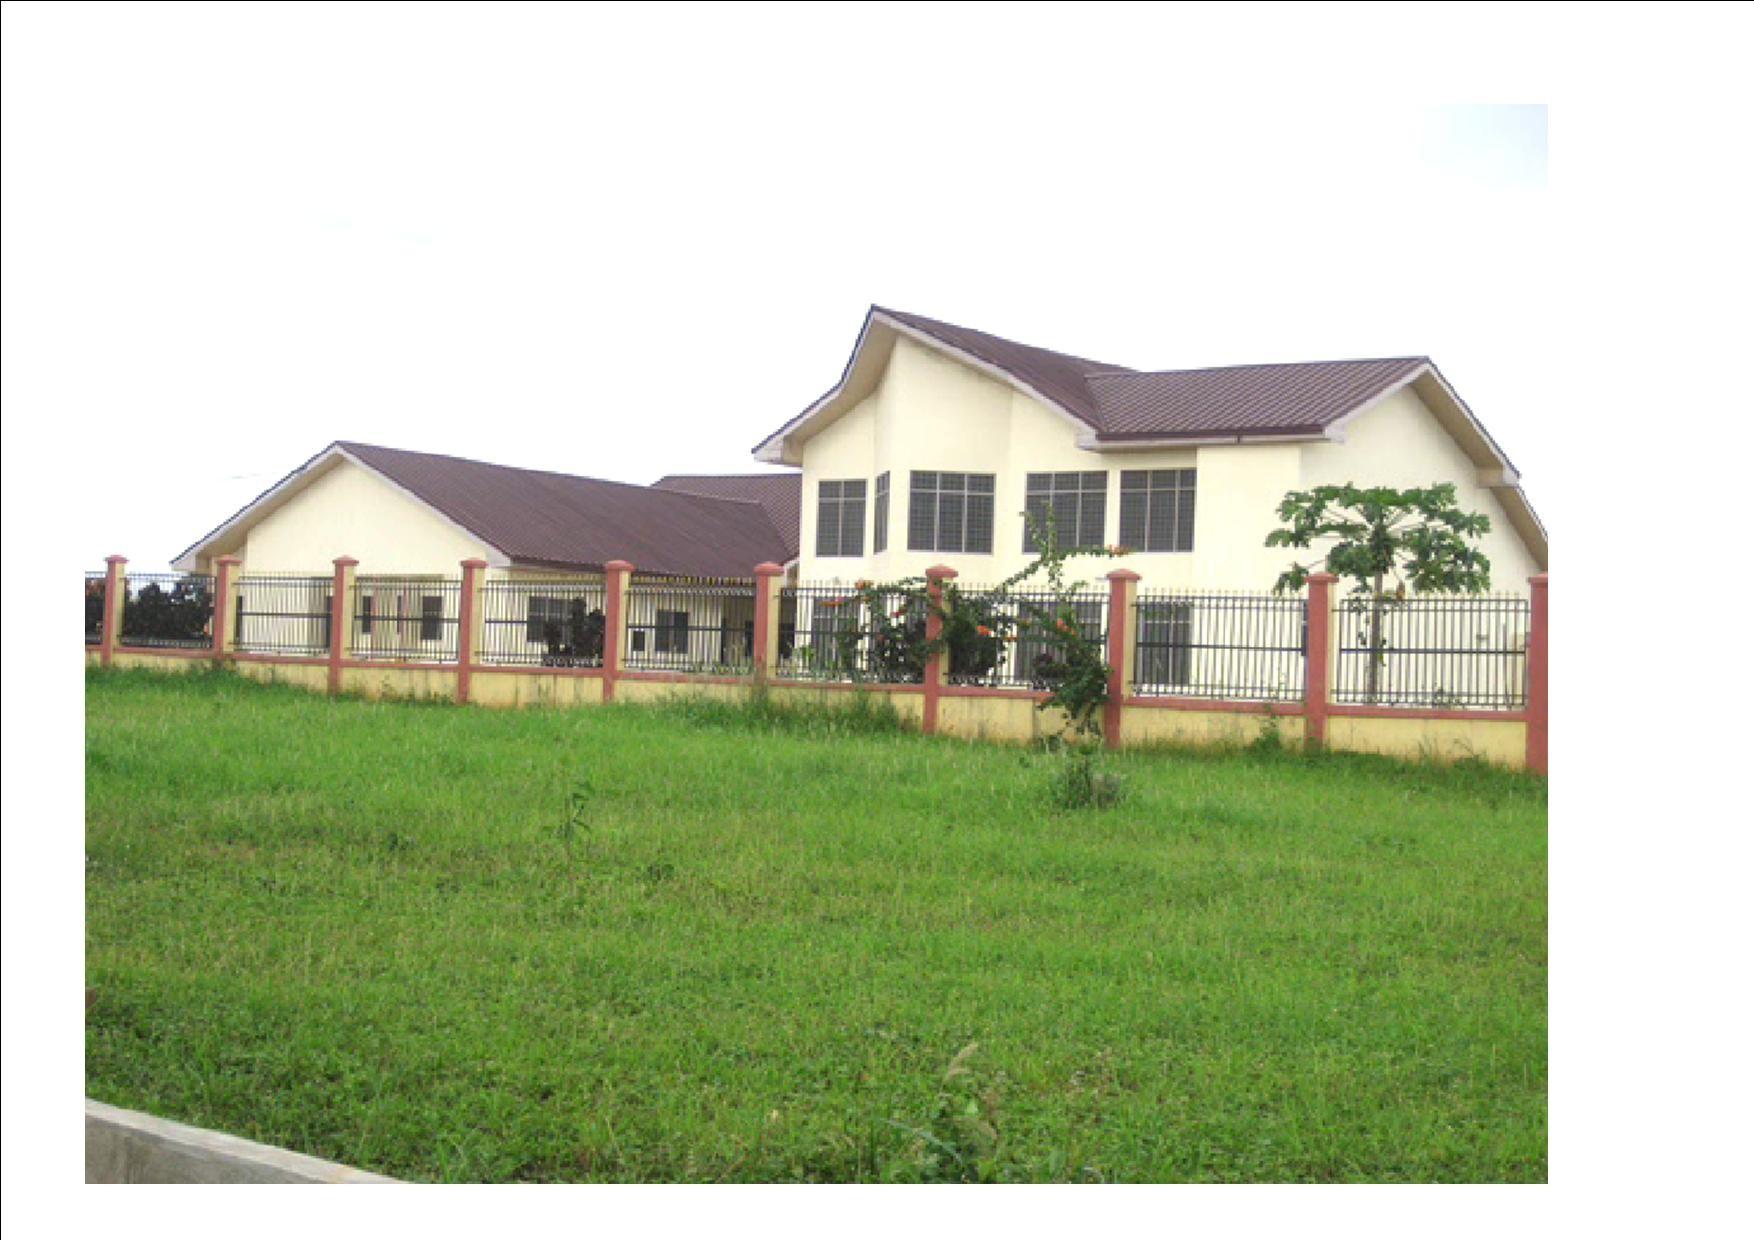 Casa di Formazione in Ghana (Africa)